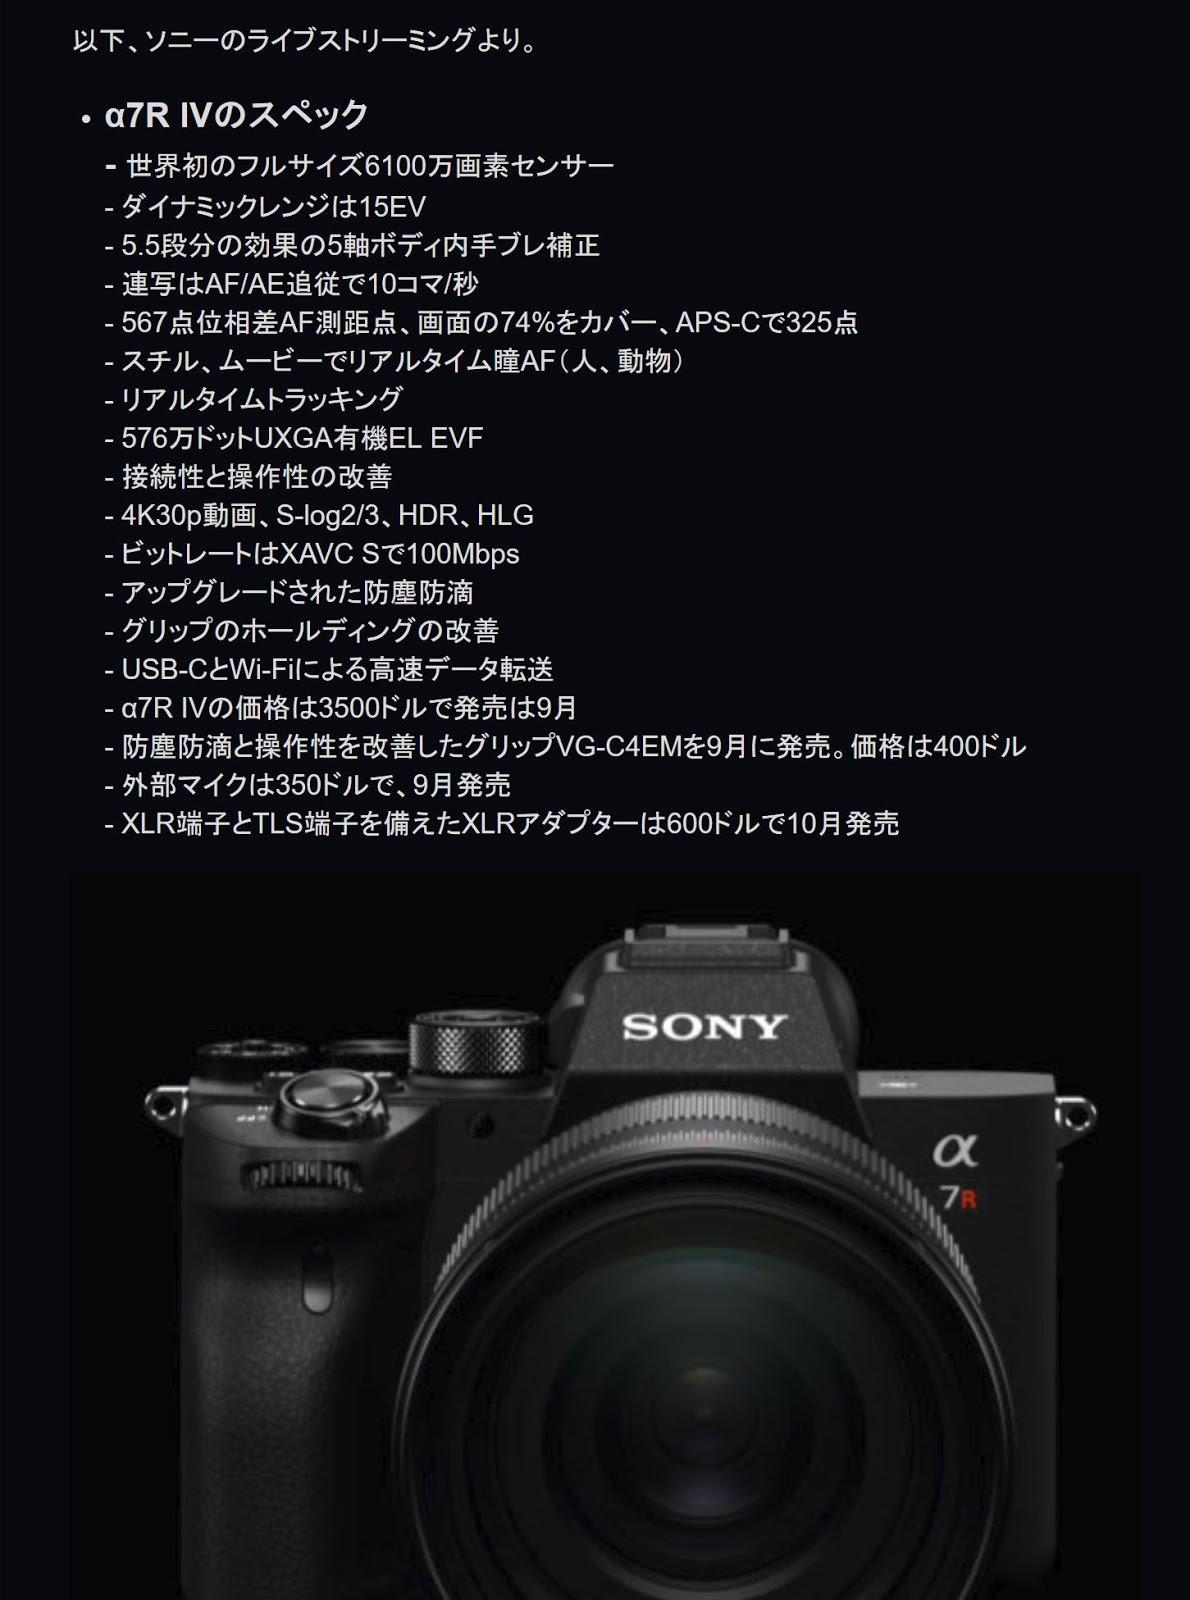 気配の写真家niなりたい!: SONY、A7R4発表だそうだ